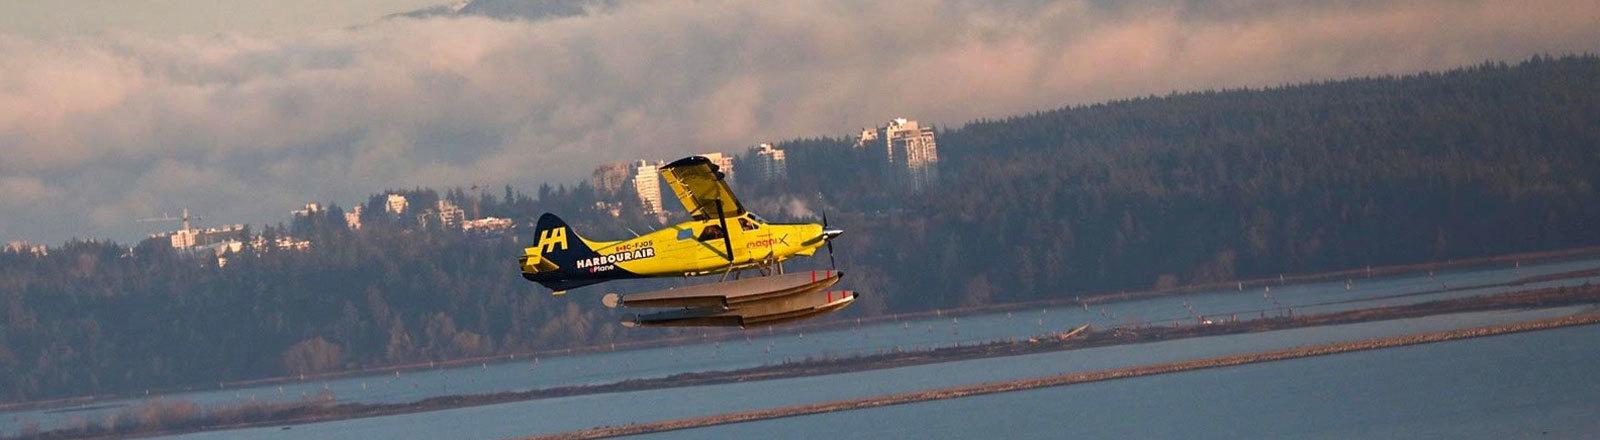 Das erste kommerzielle E-Flugzeug startet; es ist ein Wasserflugzeug mit E-Motor. Der Flug ist in Kanada, im Hintergrund verschneite Berge.